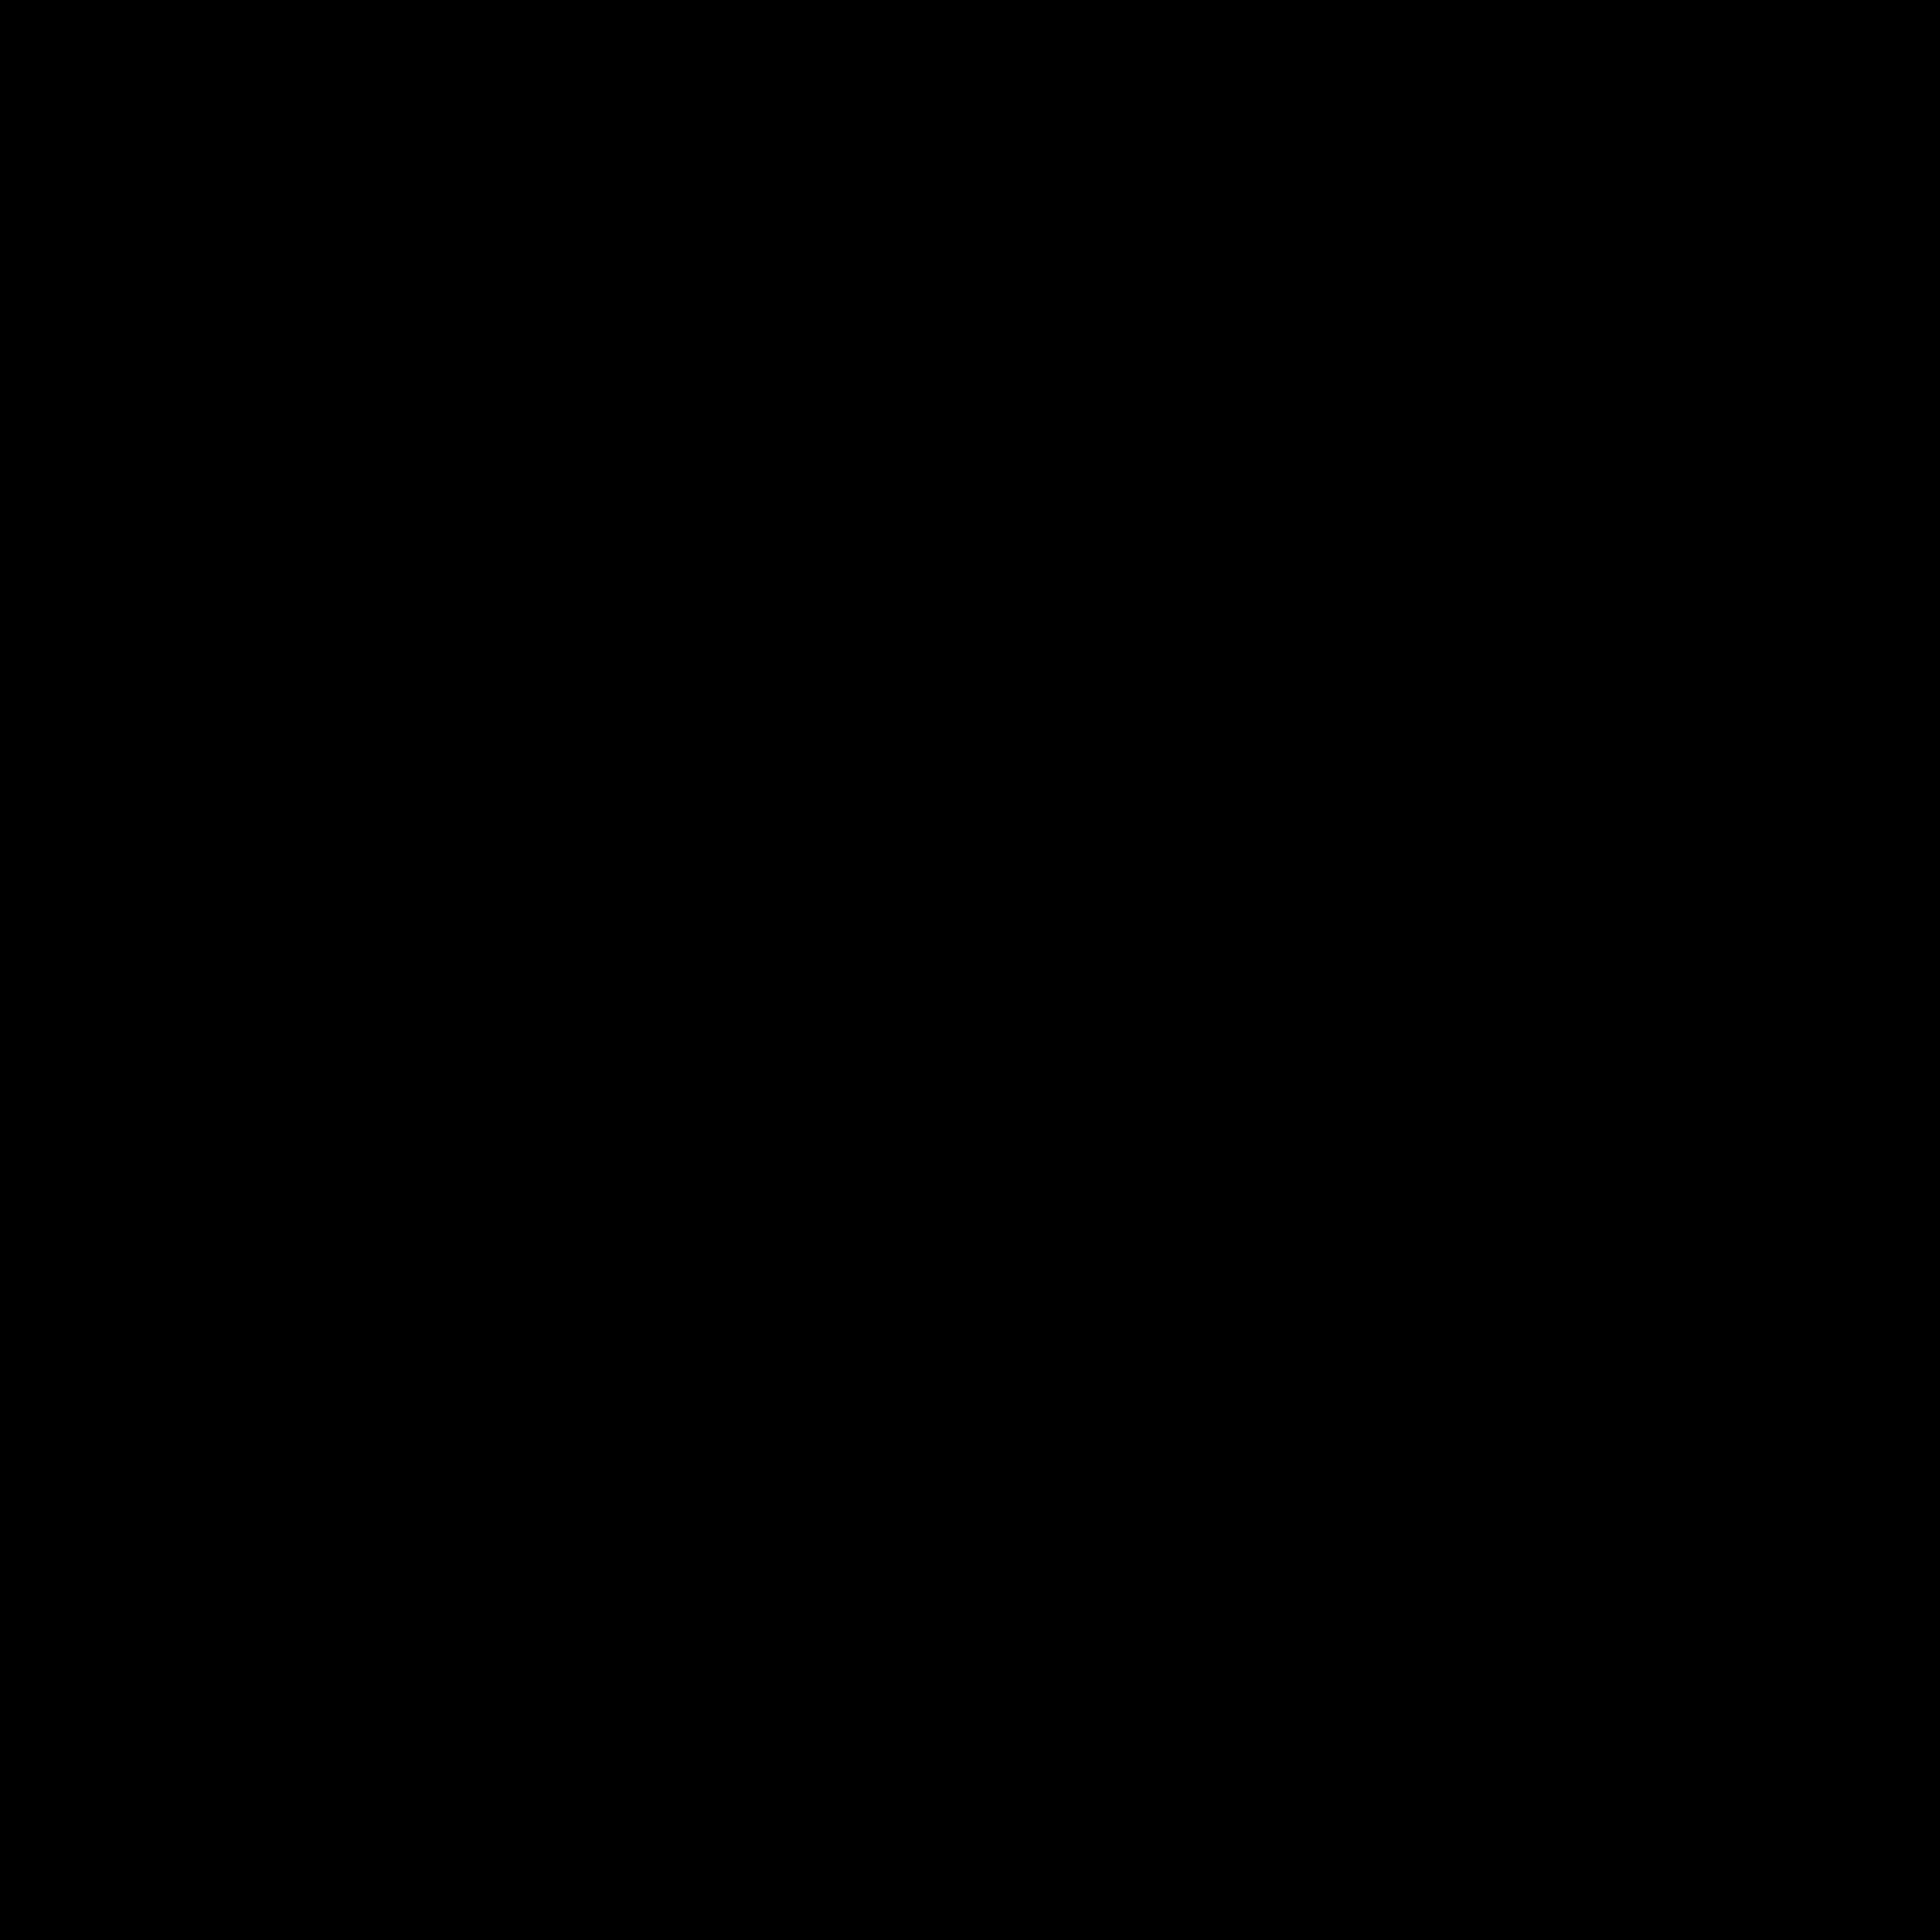 Greater german reich coat of arms by saracennegative on deviantart das reich ist heilig by arminius1871 buycottarizona